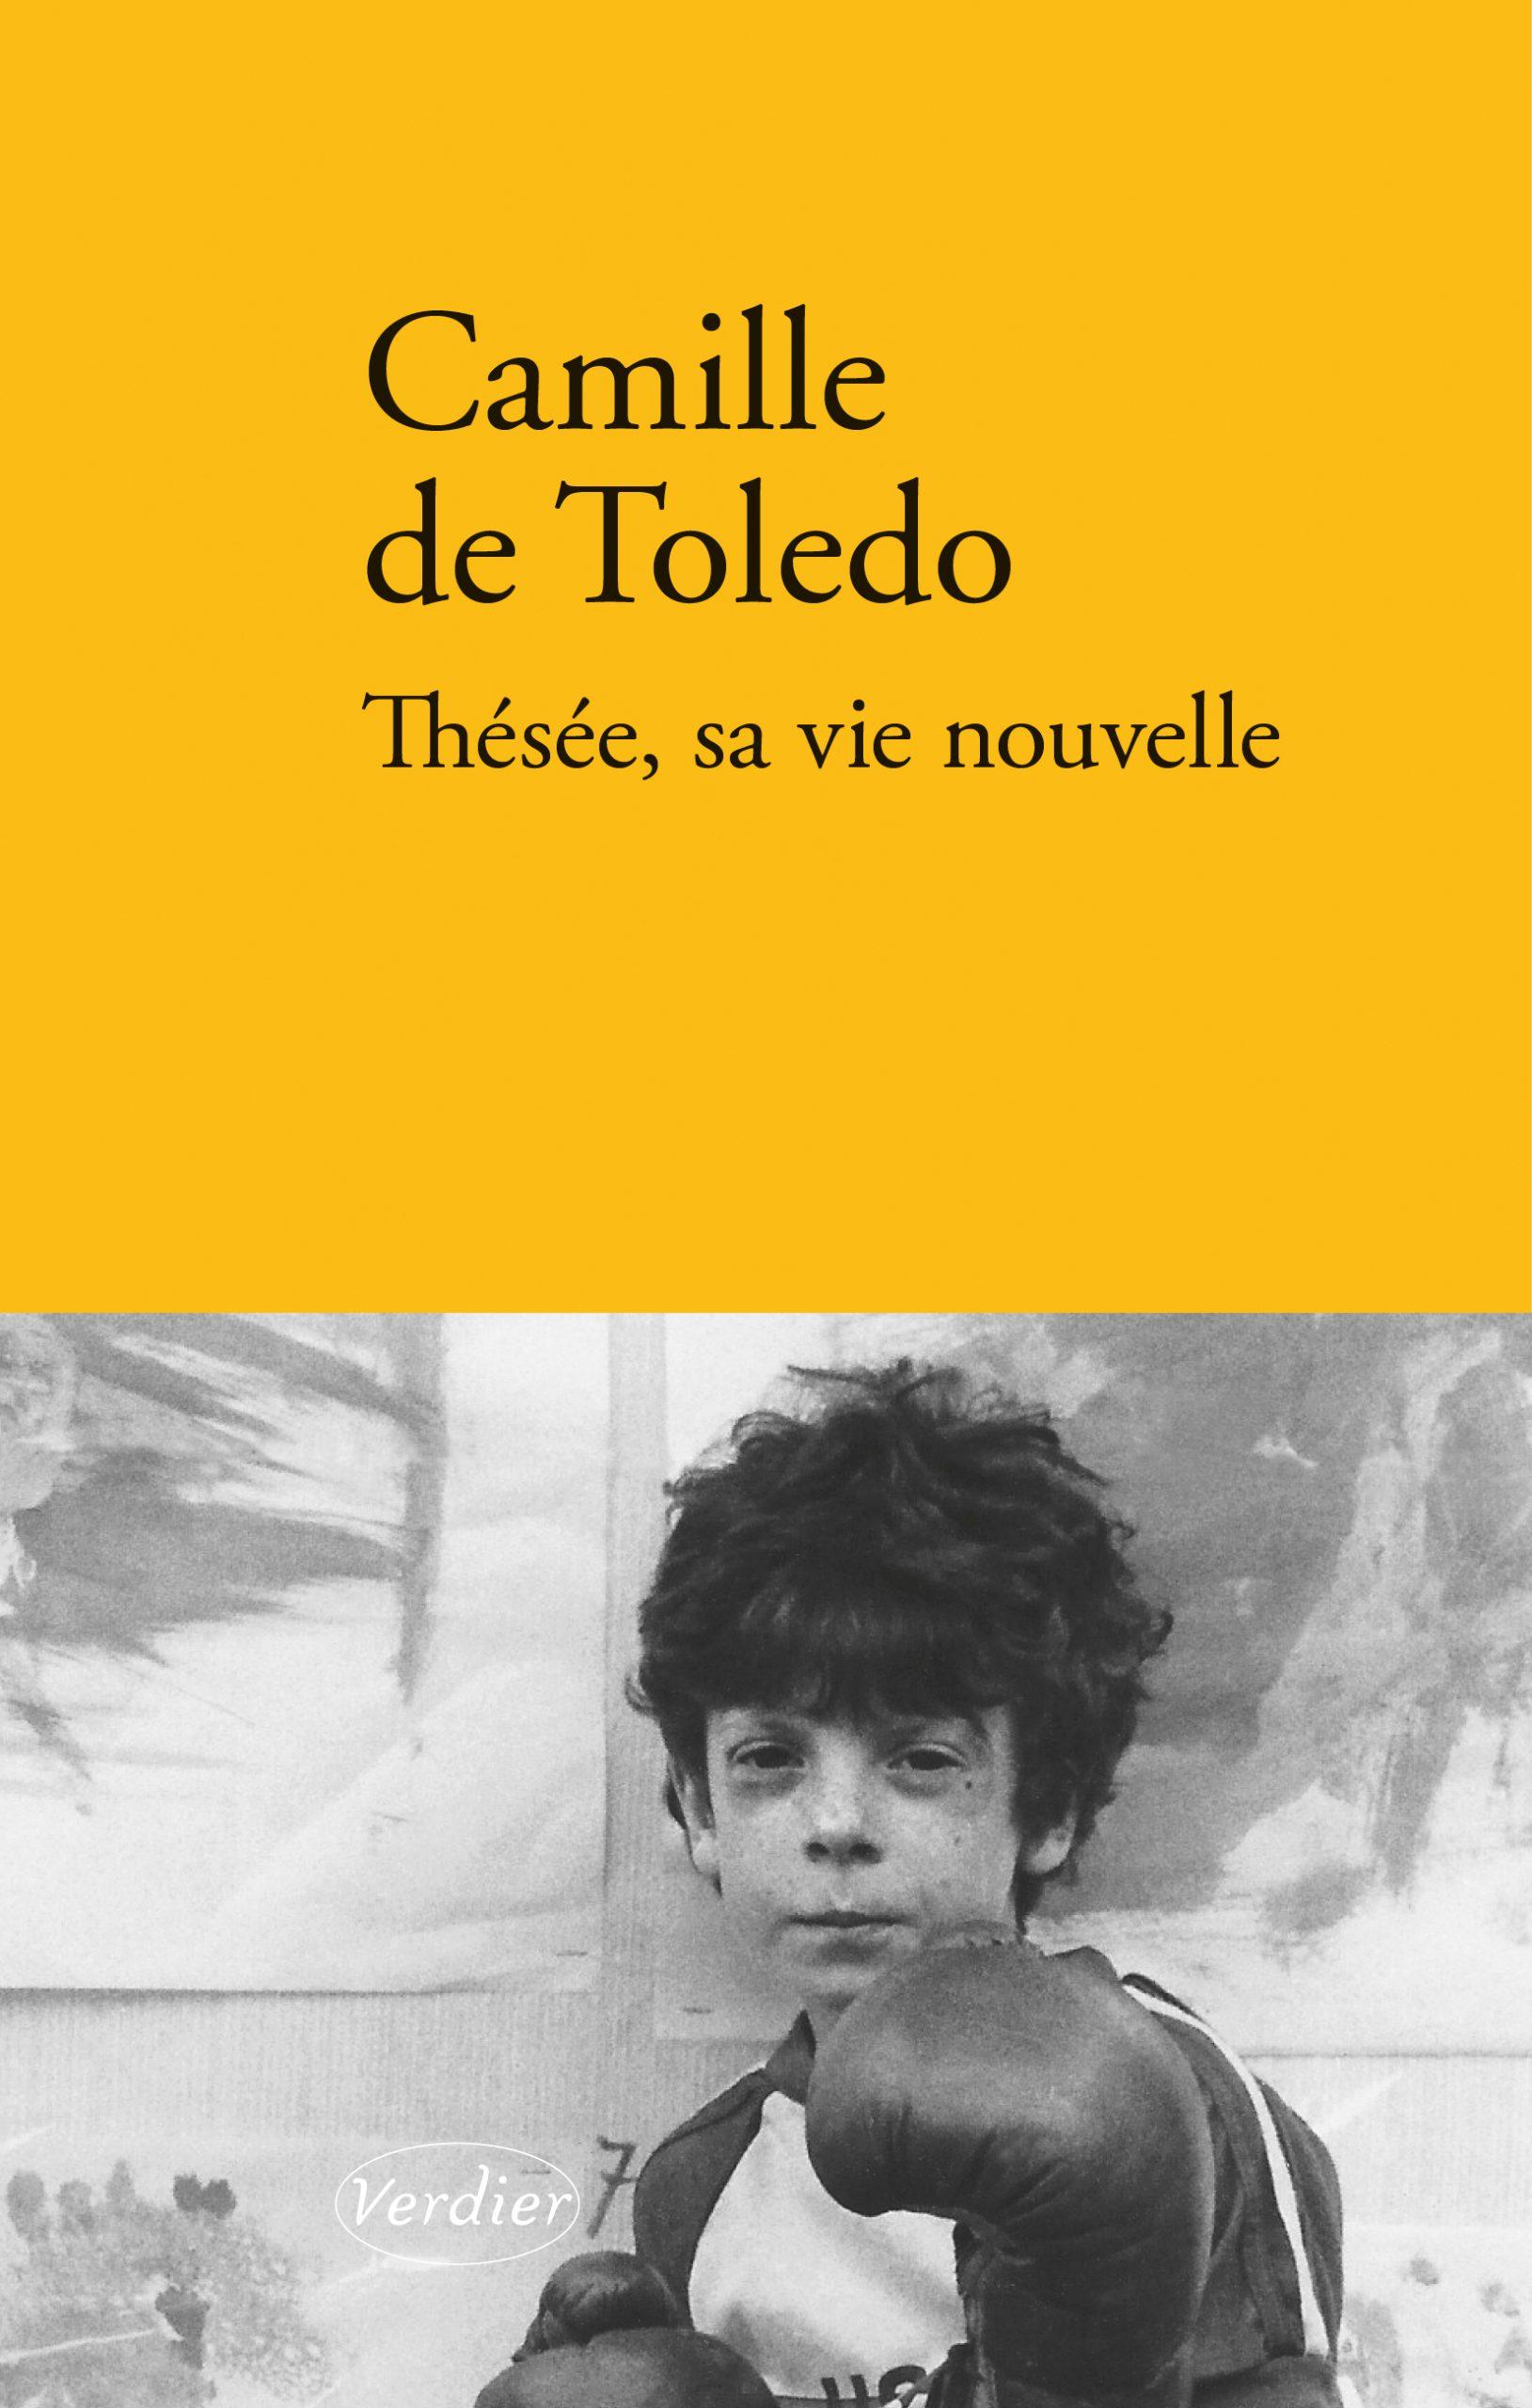 Thésée, sa vie nouvelle Le palimpseste de Camille de Toledo